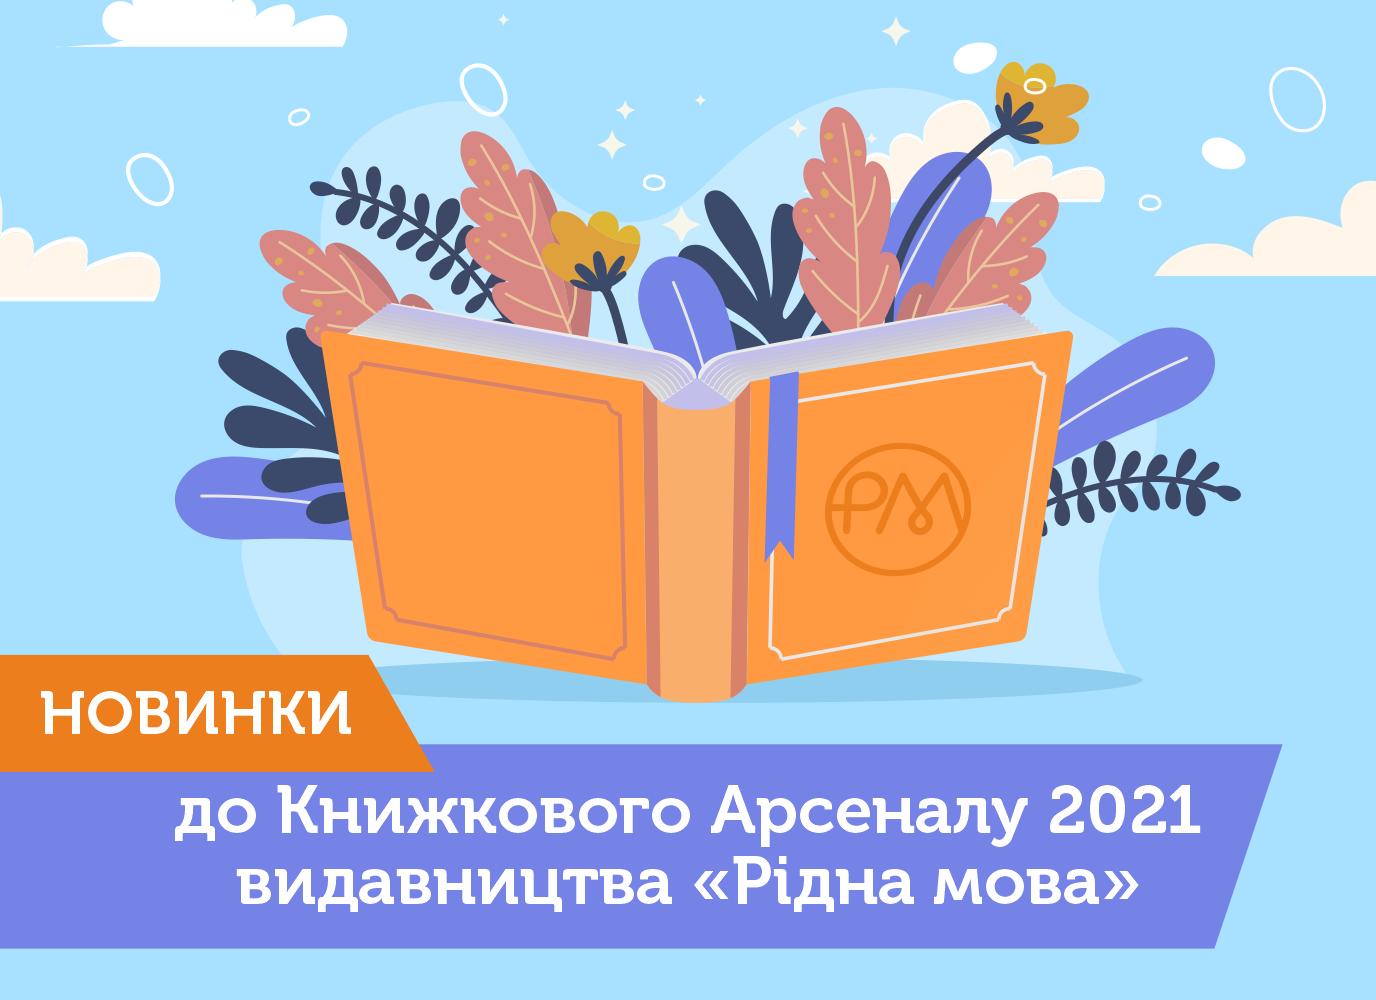 Книжковий Арсенал 2021: новинки дитячої літератури від «Рідної мови»